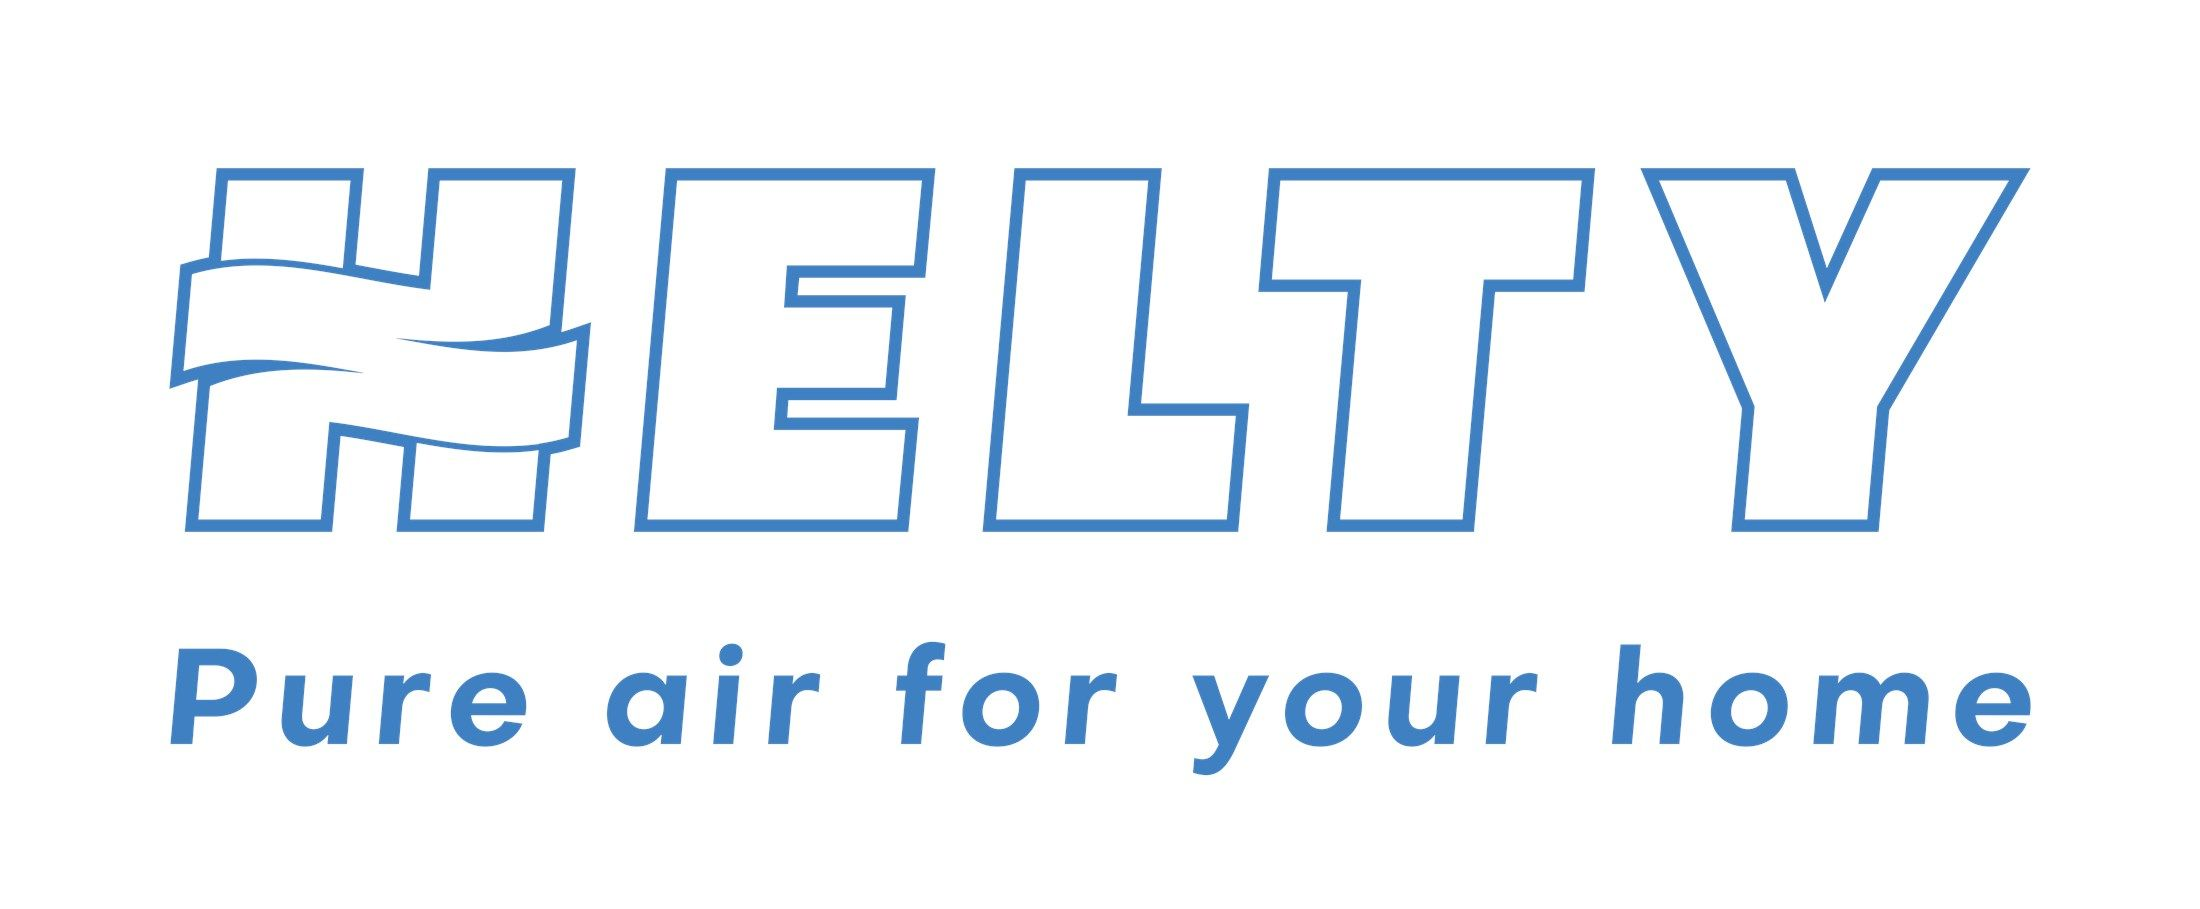 Una rete di specialisti VMC per rispondere alla domanda di 'aria sana' ed efficienza energetica: al via il progetto Helty Point